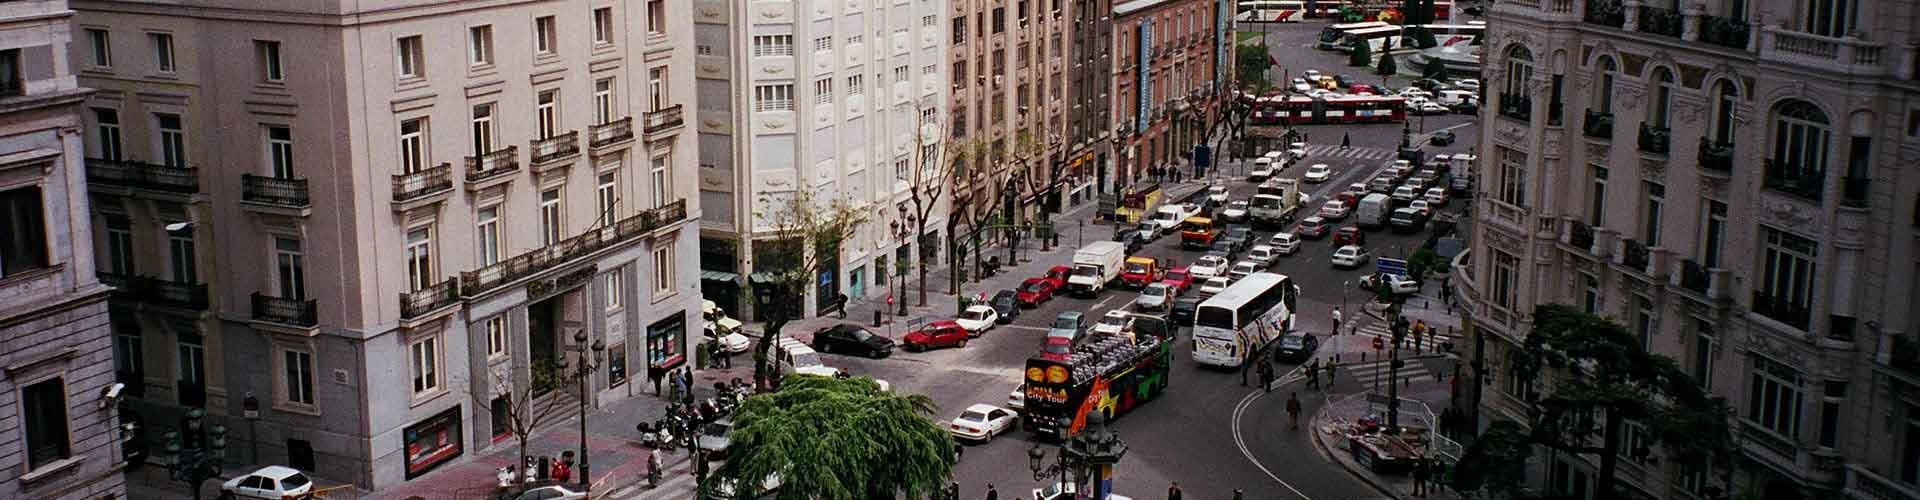 Madrid - Chambres pas chères dans le quartier de Cortes. Cartes pour Madrid, photos et commentaires pour chaque chambre à Madrid.